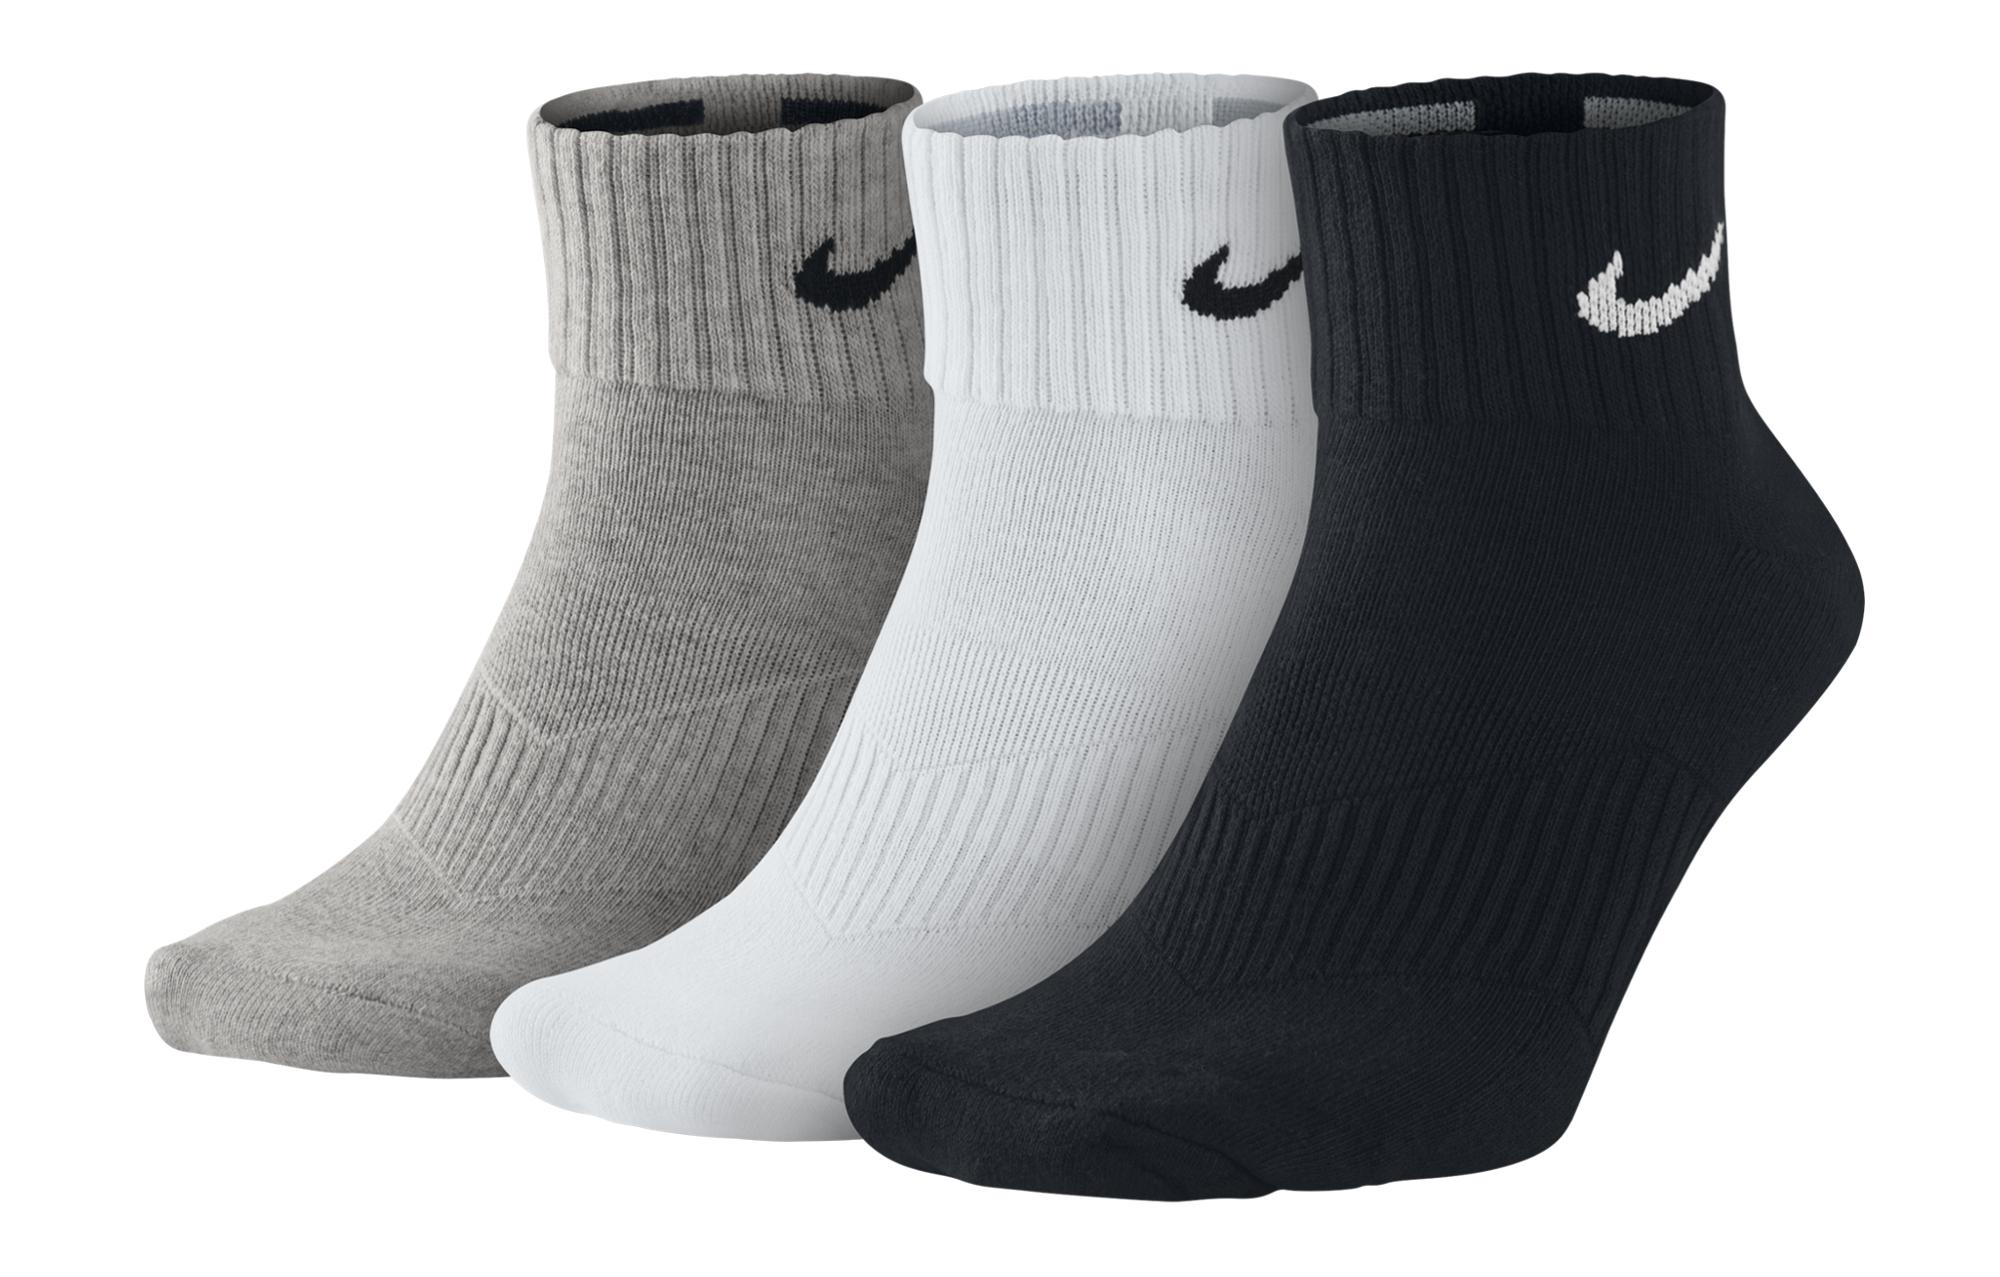 wholesale sales price reduced classic style 3 Paires de chaussettes Nike LIGHTWEIGHT Gris/Blanc/Noir